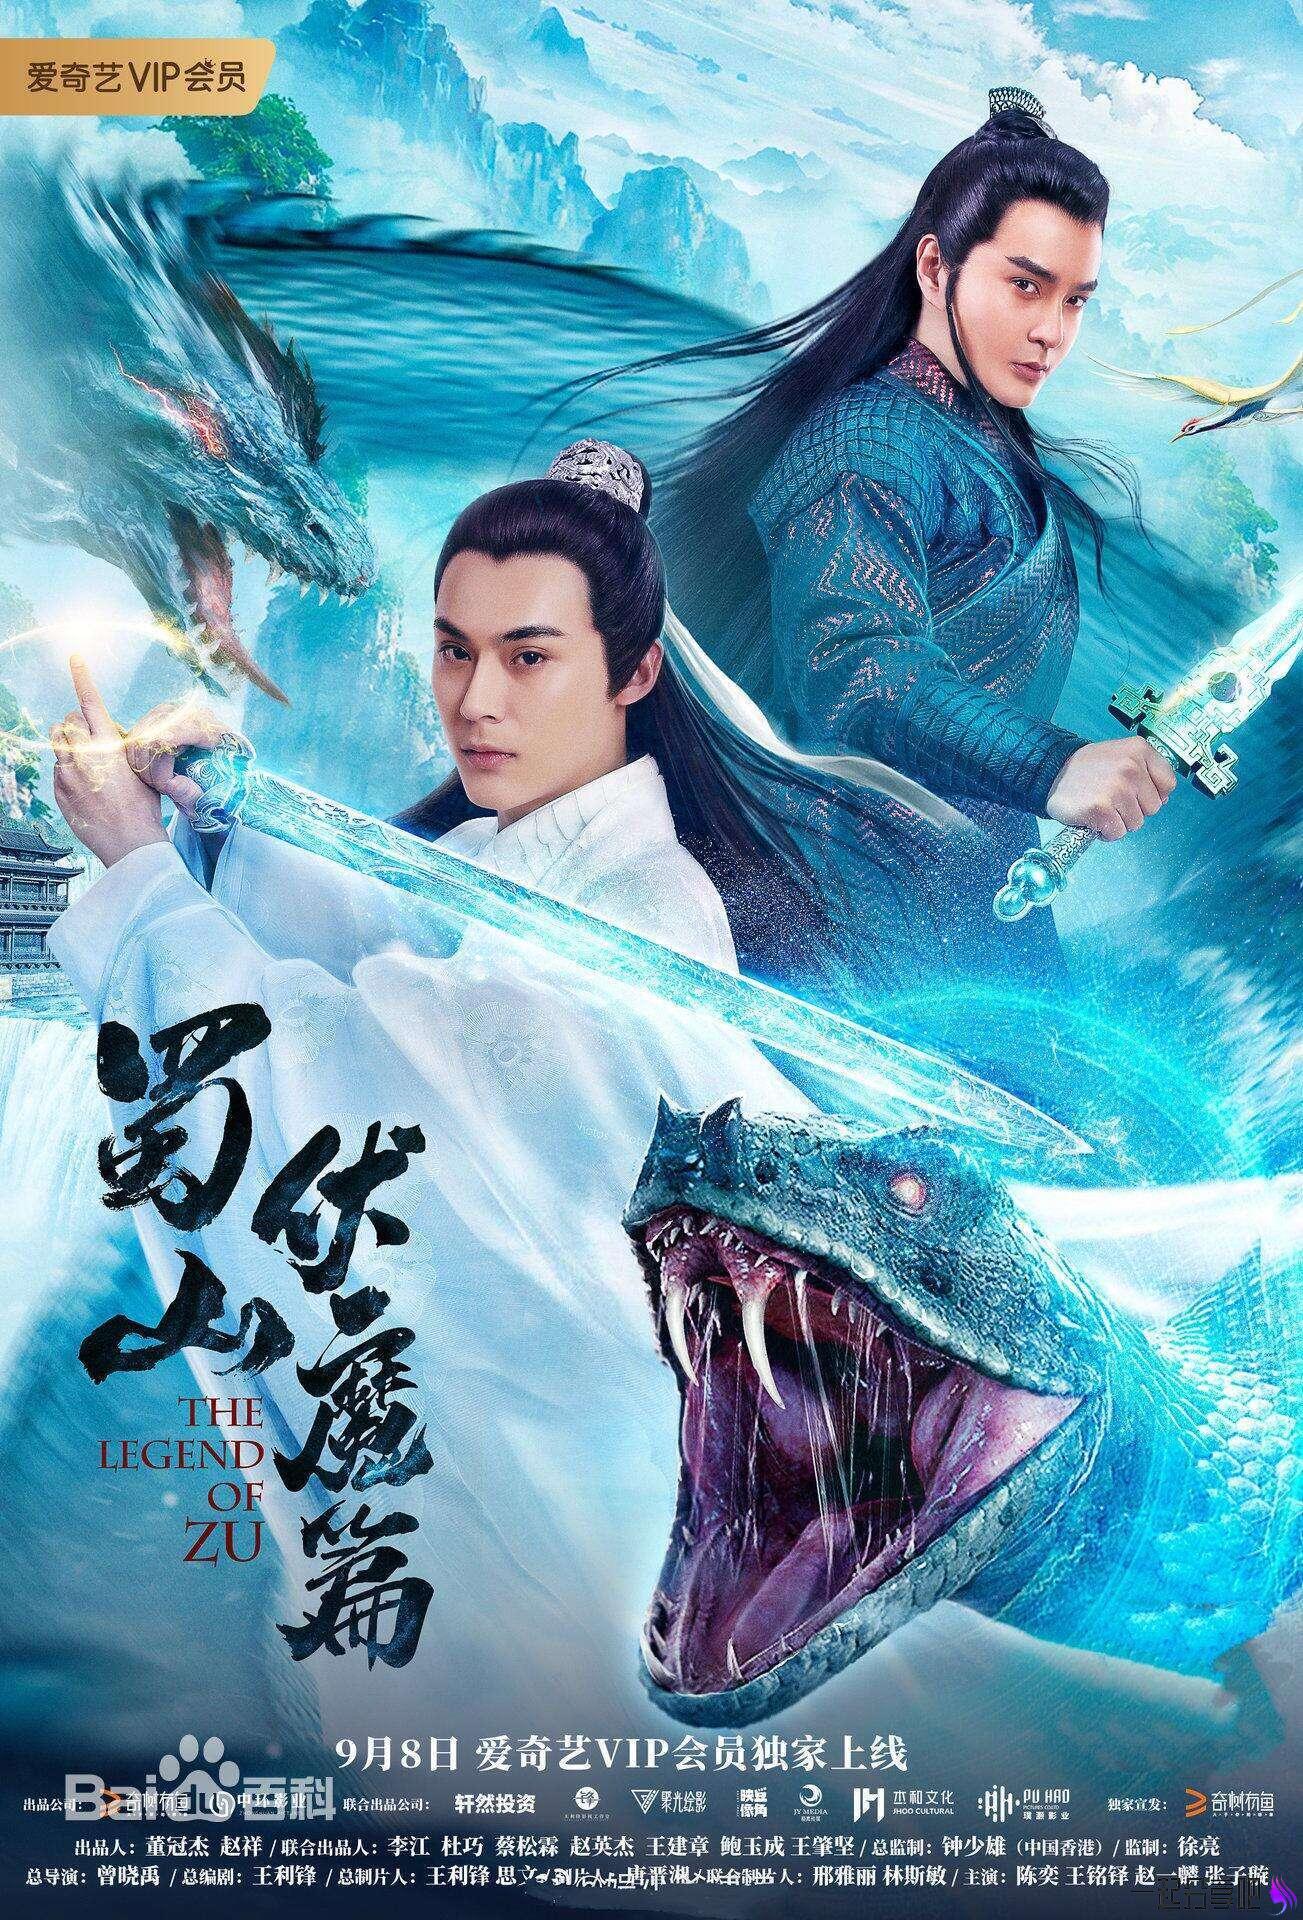 《蜀山·伏魔篇》HD1080p蓝光中字版 爱奇艺VIP独播 第1张